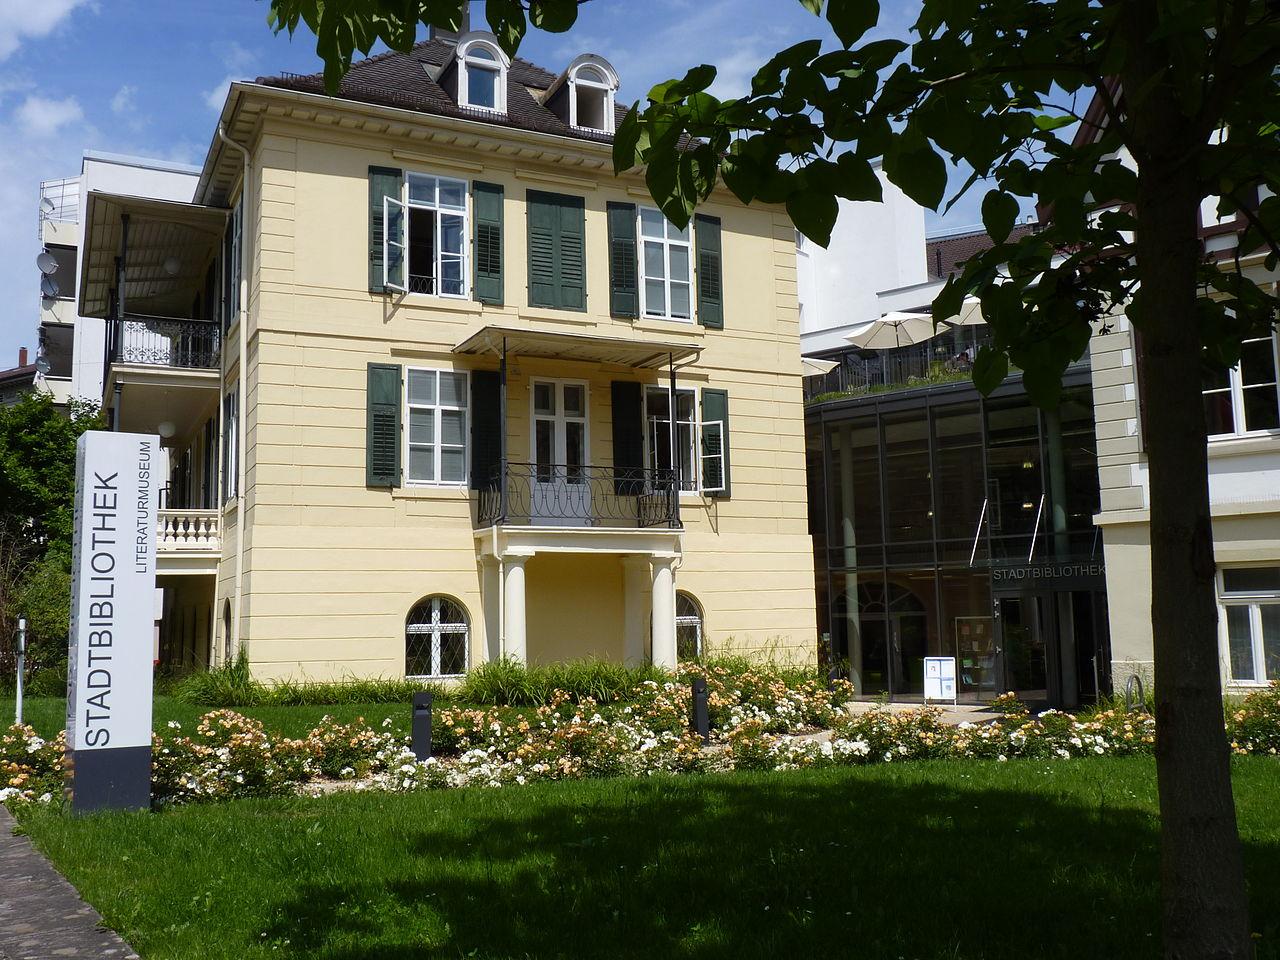 Bild Literaturmuseum im Gartenhaus der Stadtbibliothek Baden Baden